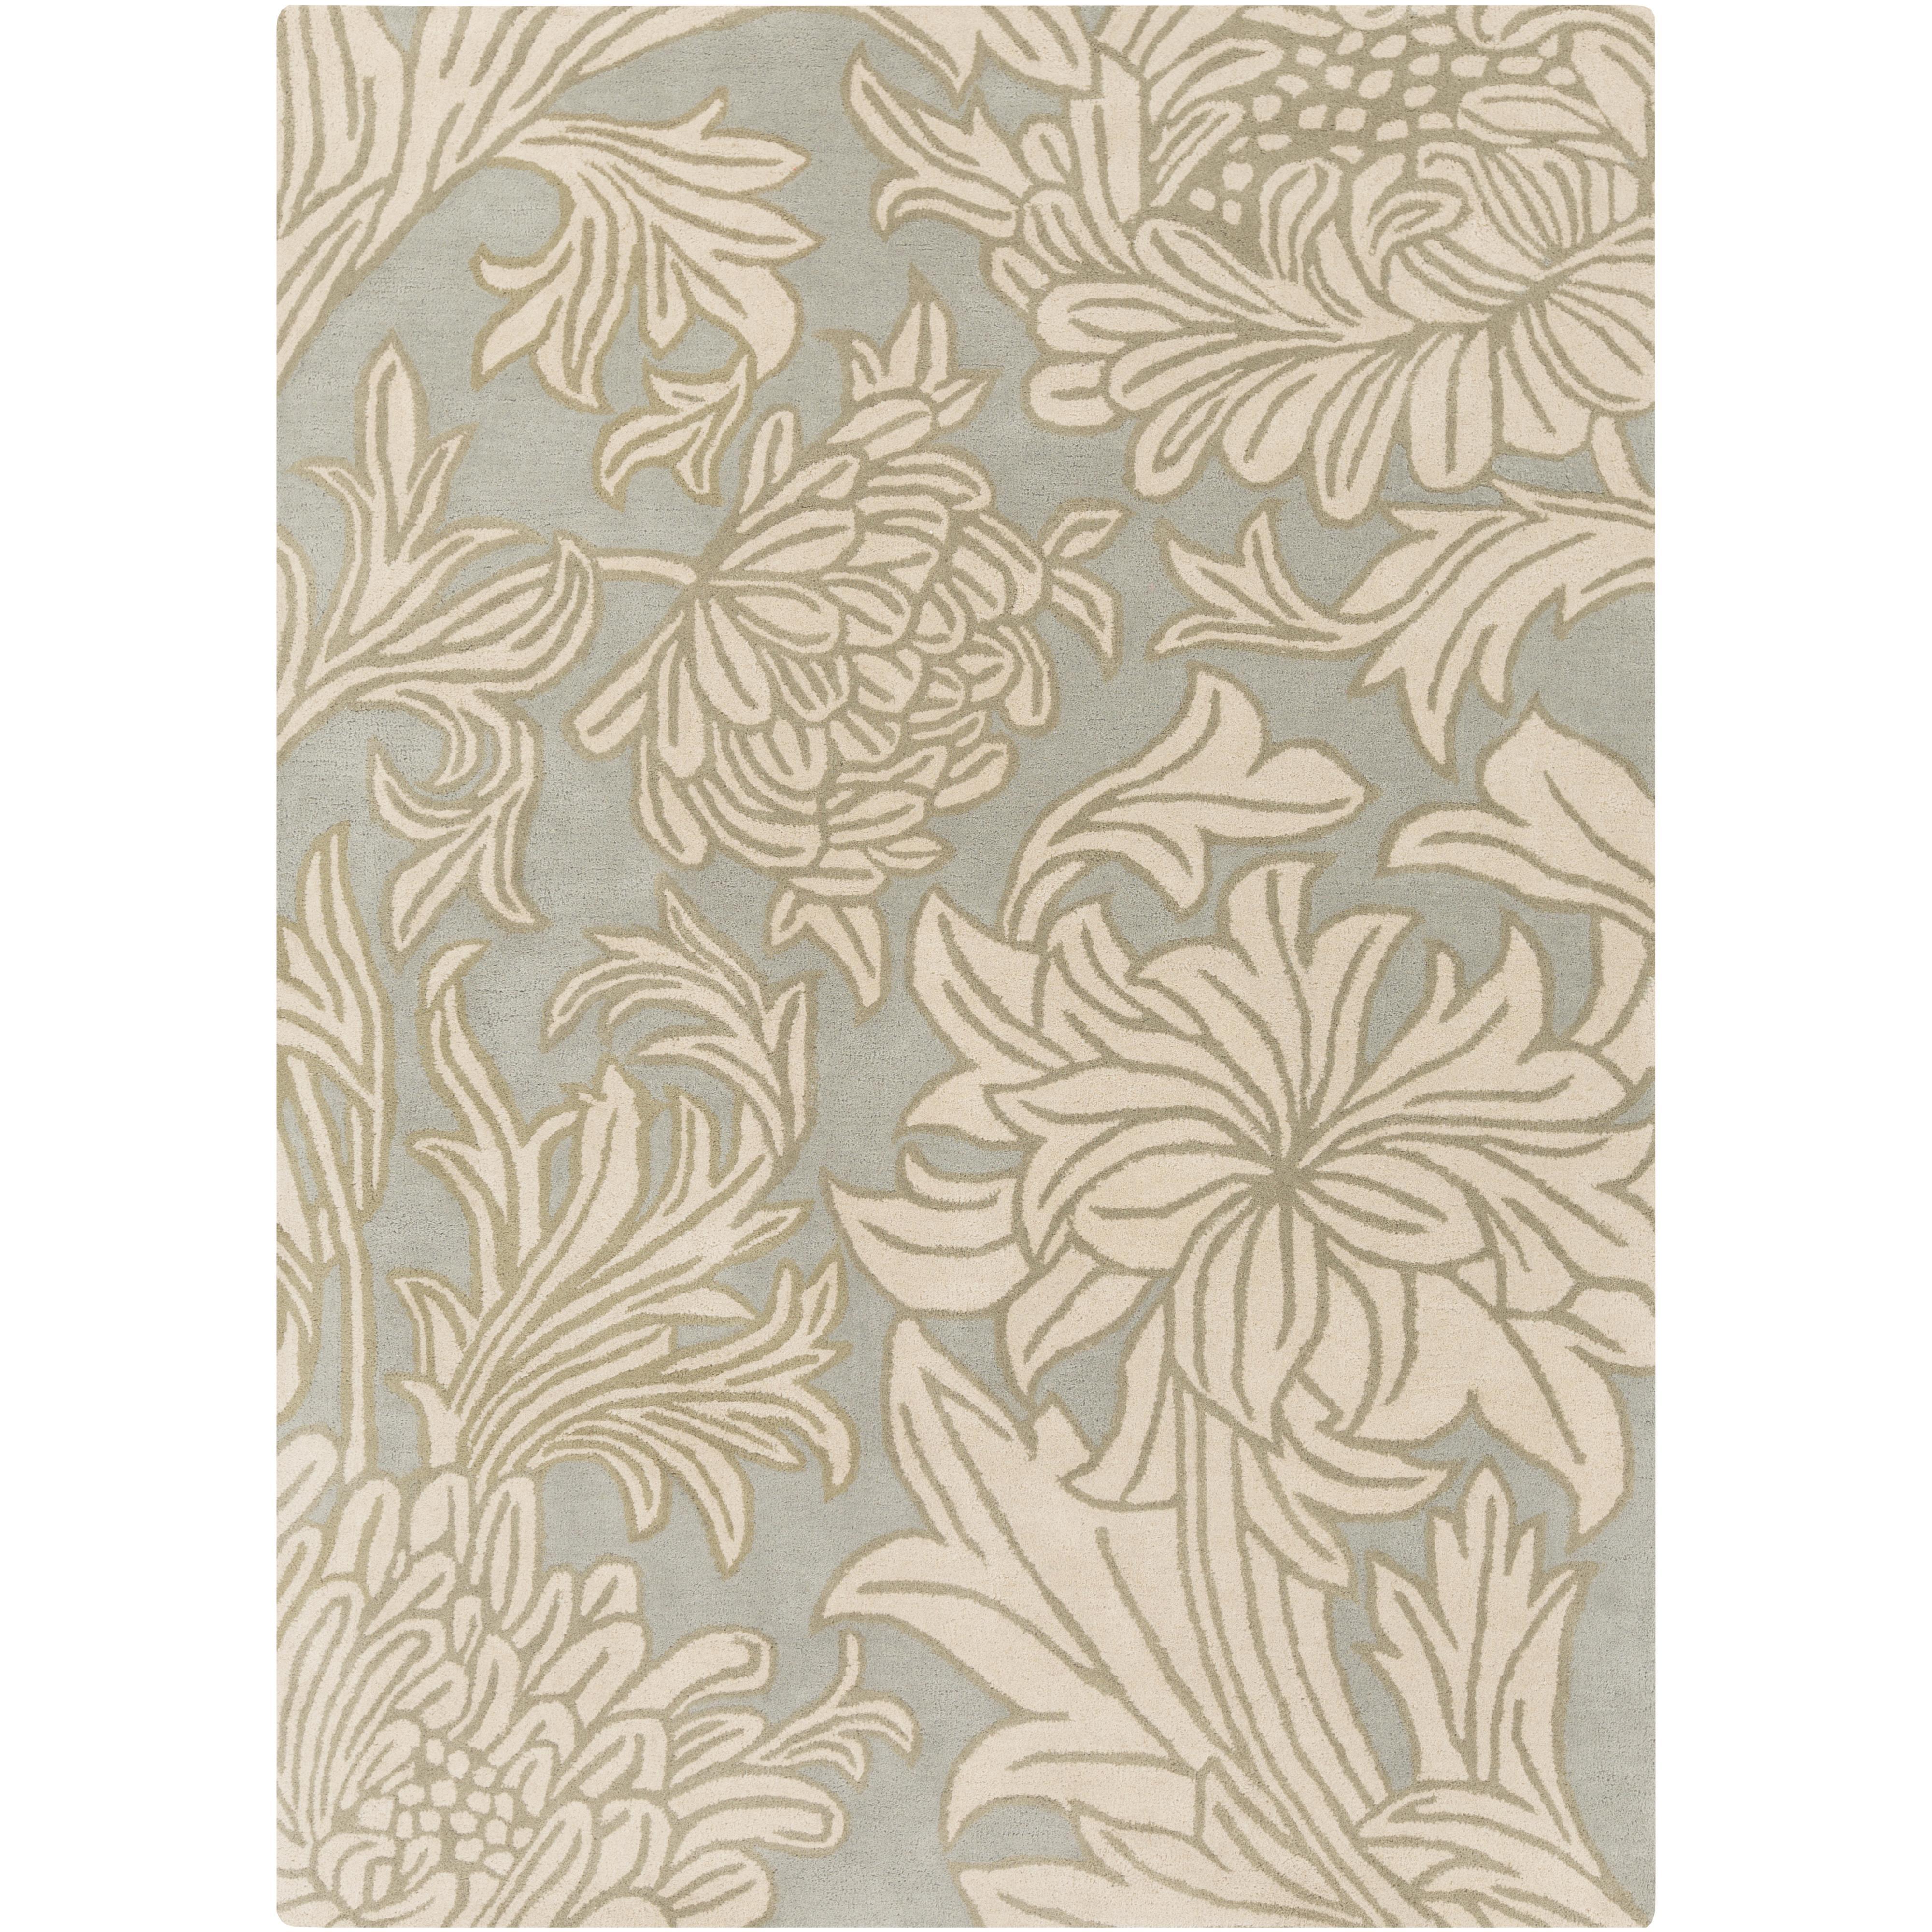 Surya Rugs William Morris 8' x 11' - Item Number: WLM3009-811